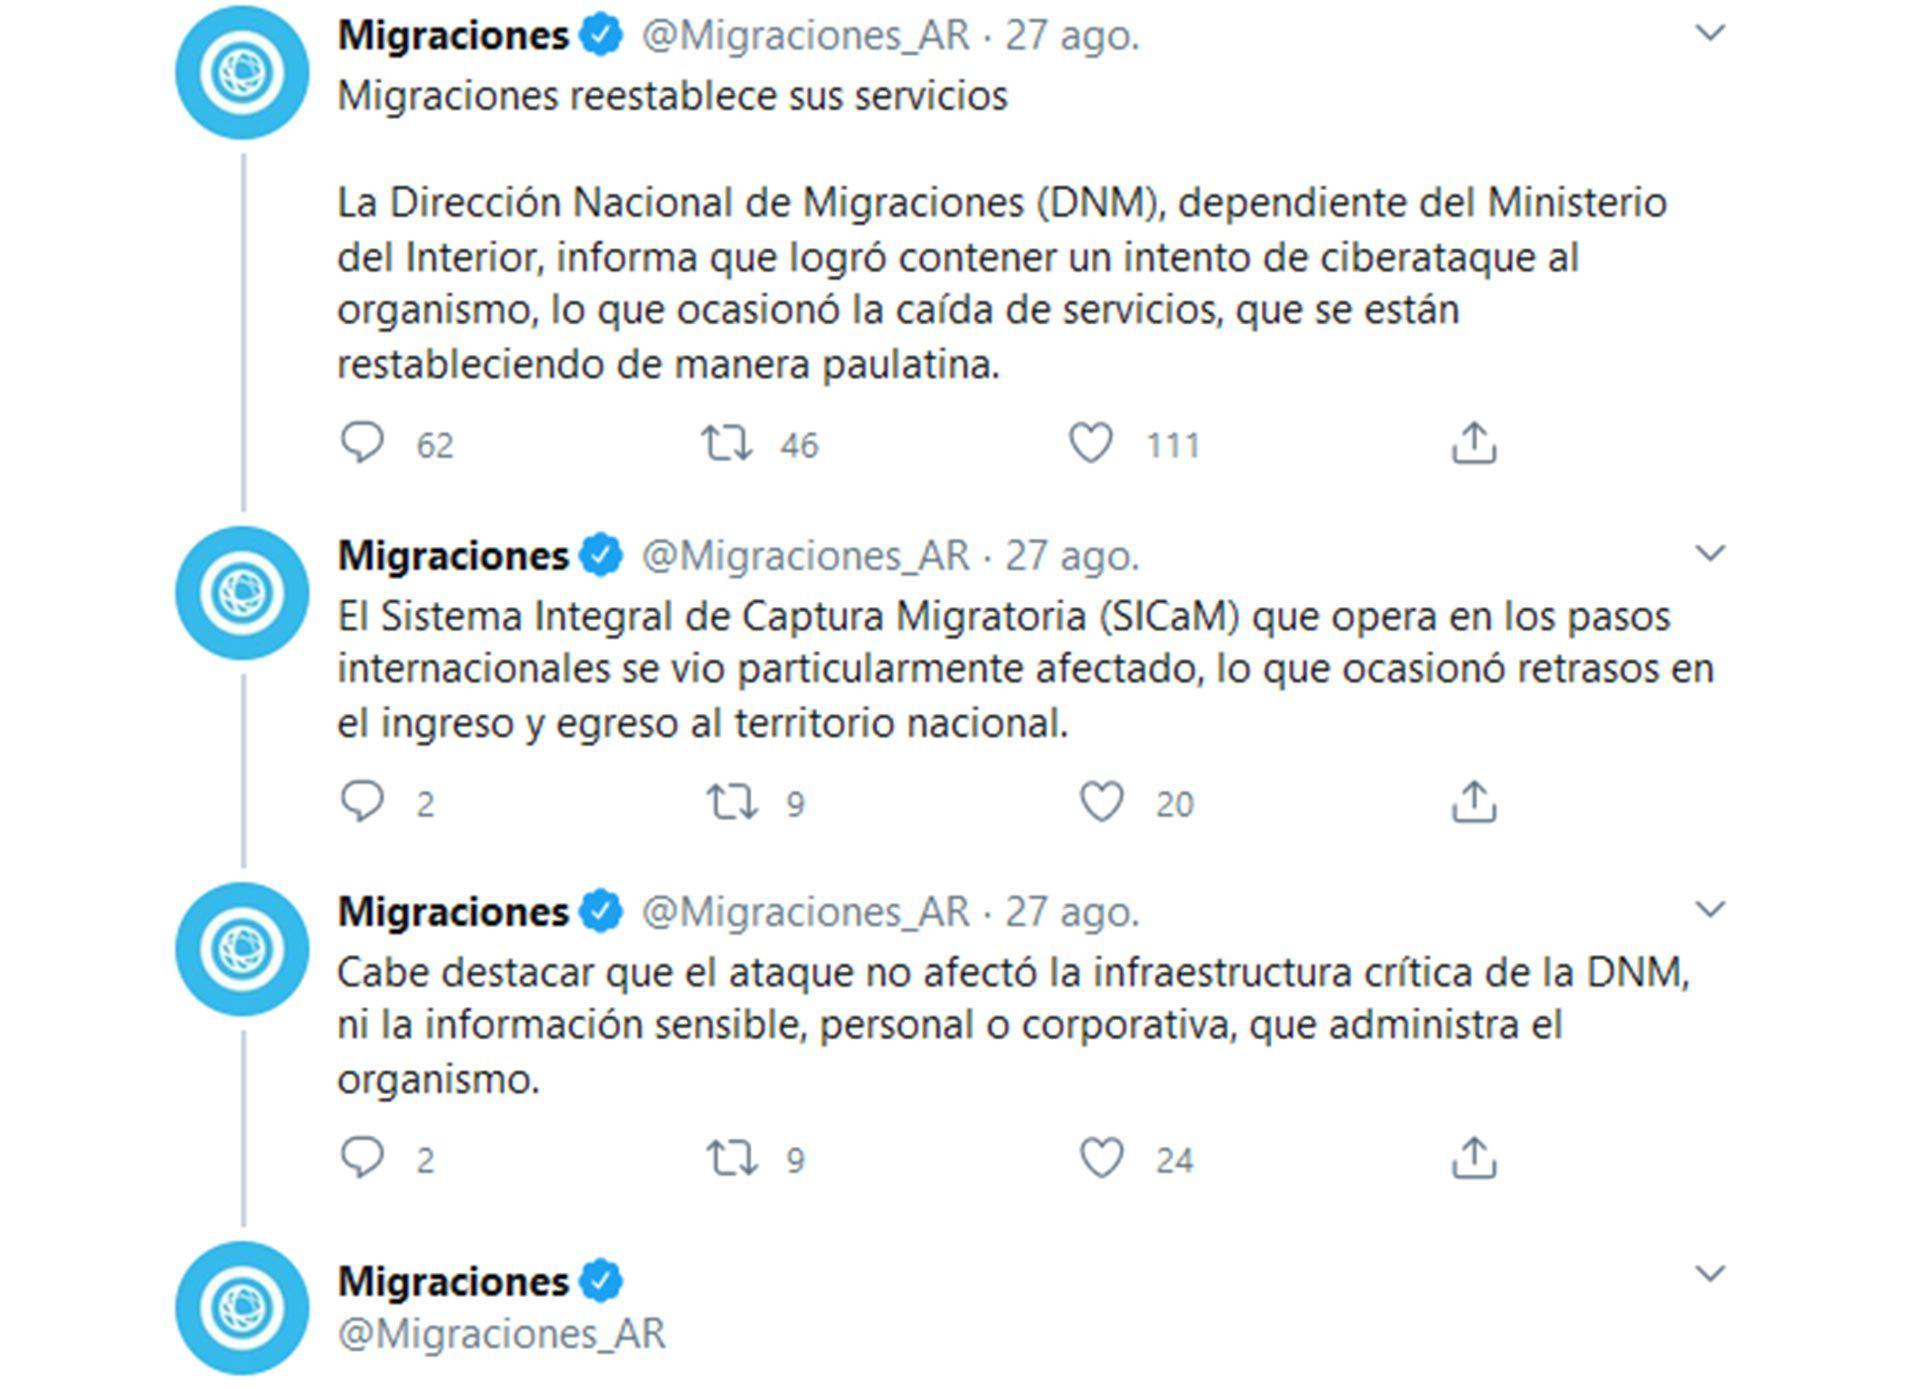 Hackeo a migraciones